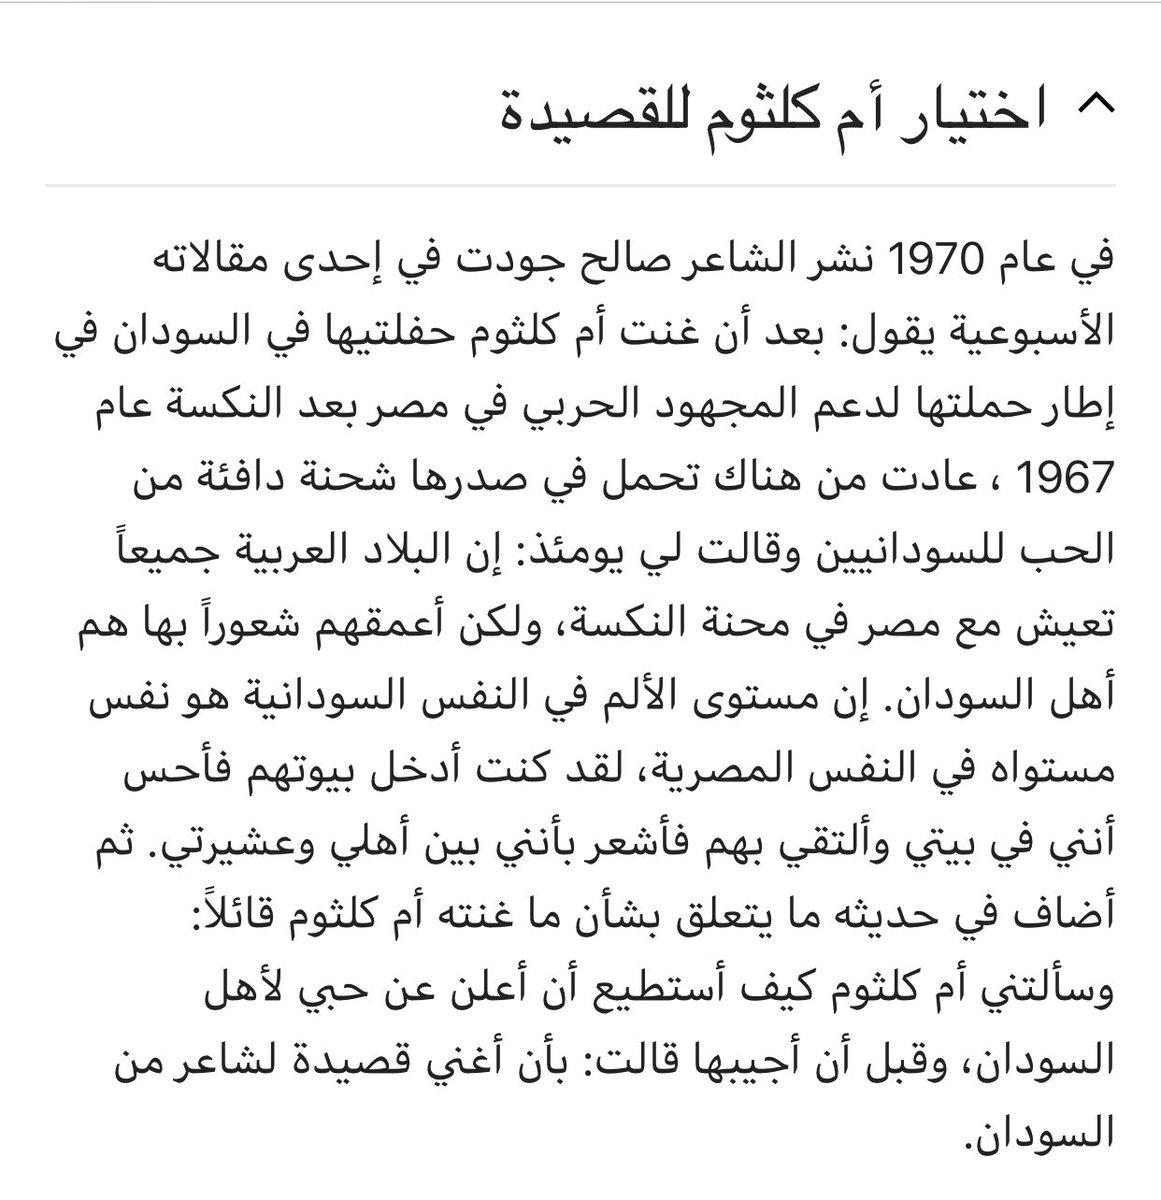 أم كلثوم أغدا القاك حفلة 7